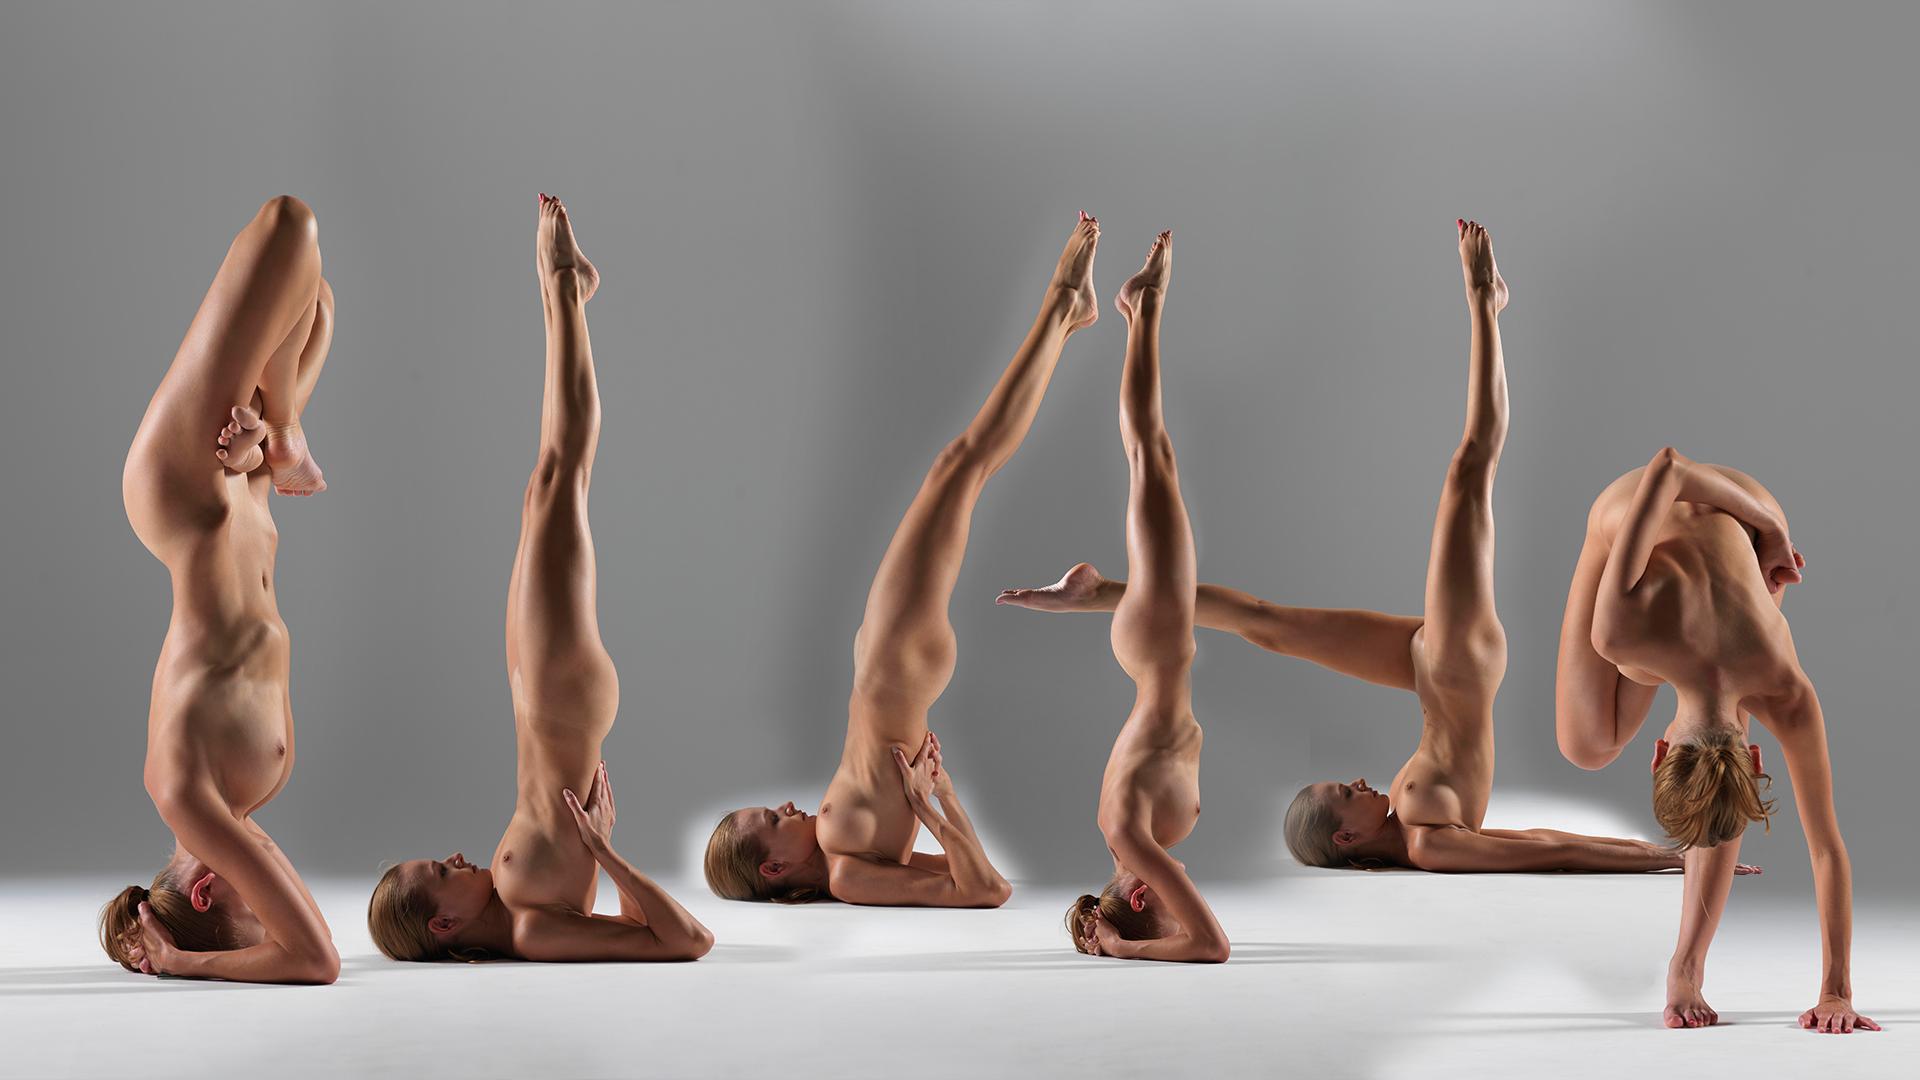 Luba nude yoga